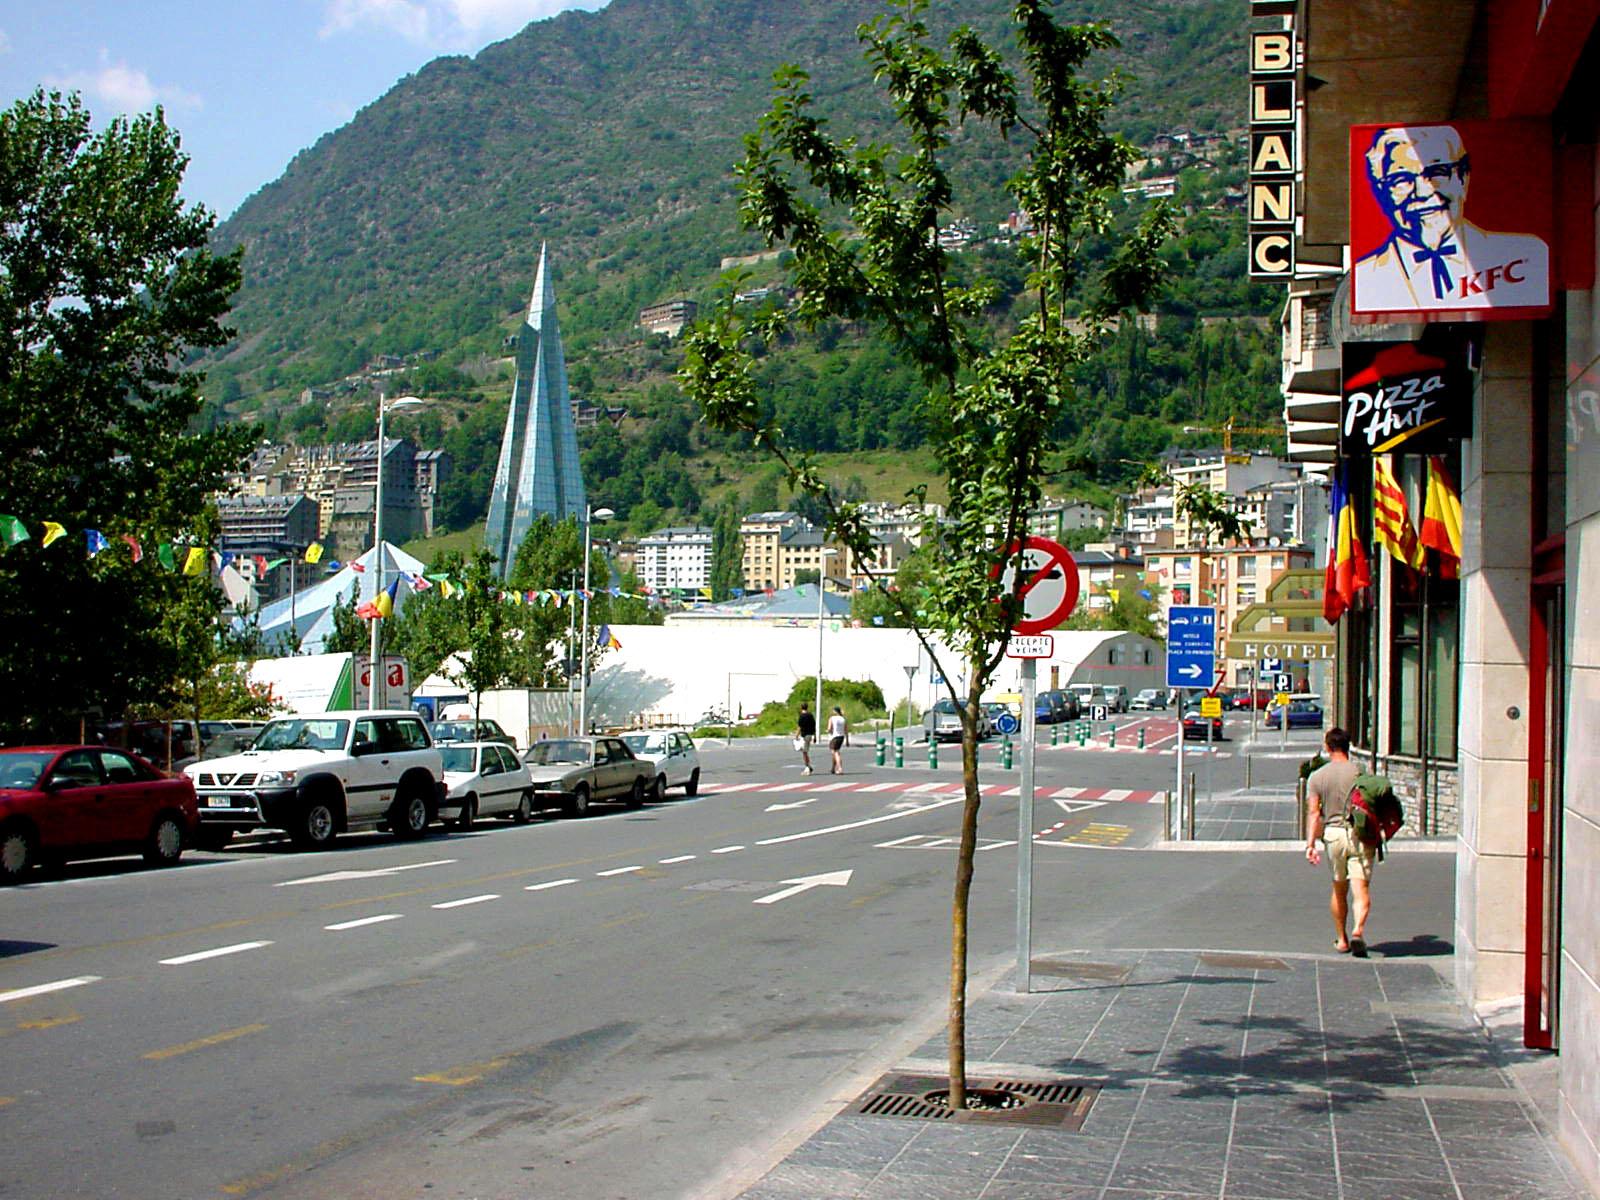 Andorra La Vella Andorra  City pictures : nome oficial andorra la vella população 24 574 capital de andorra ...